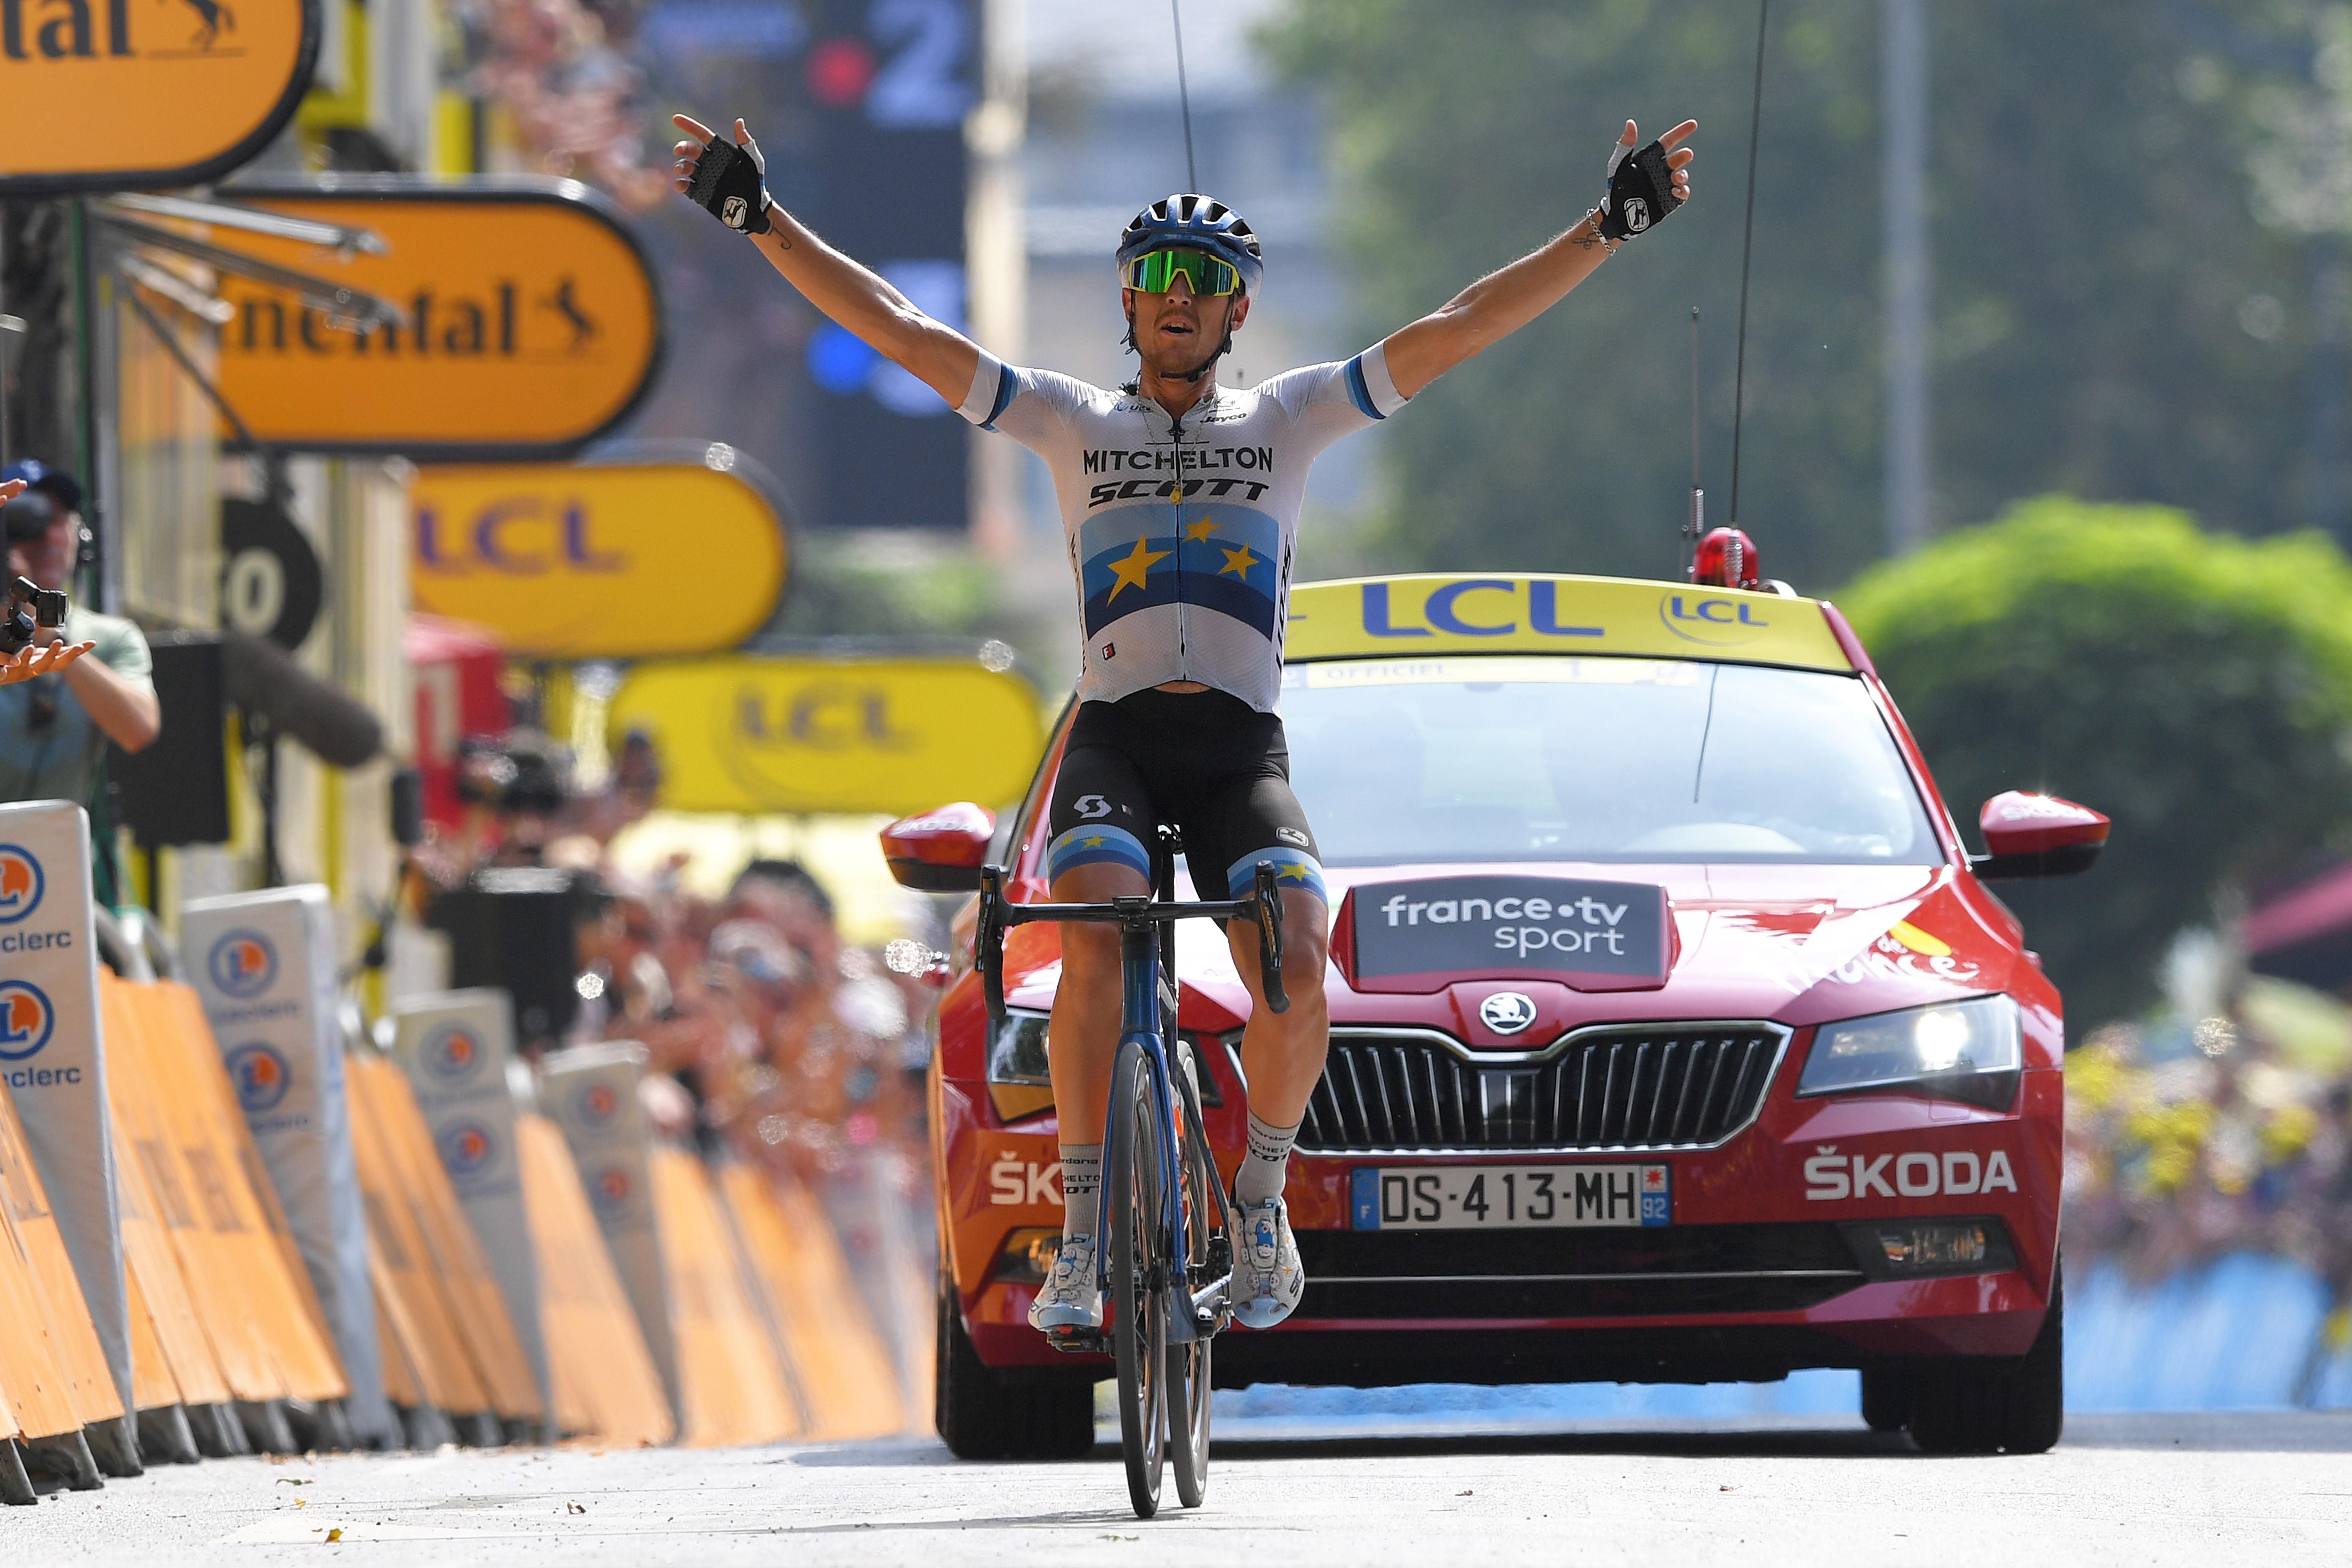 Matteo Trentin vainqueur de l'étape 17 du Tour de France 2019, à Gap